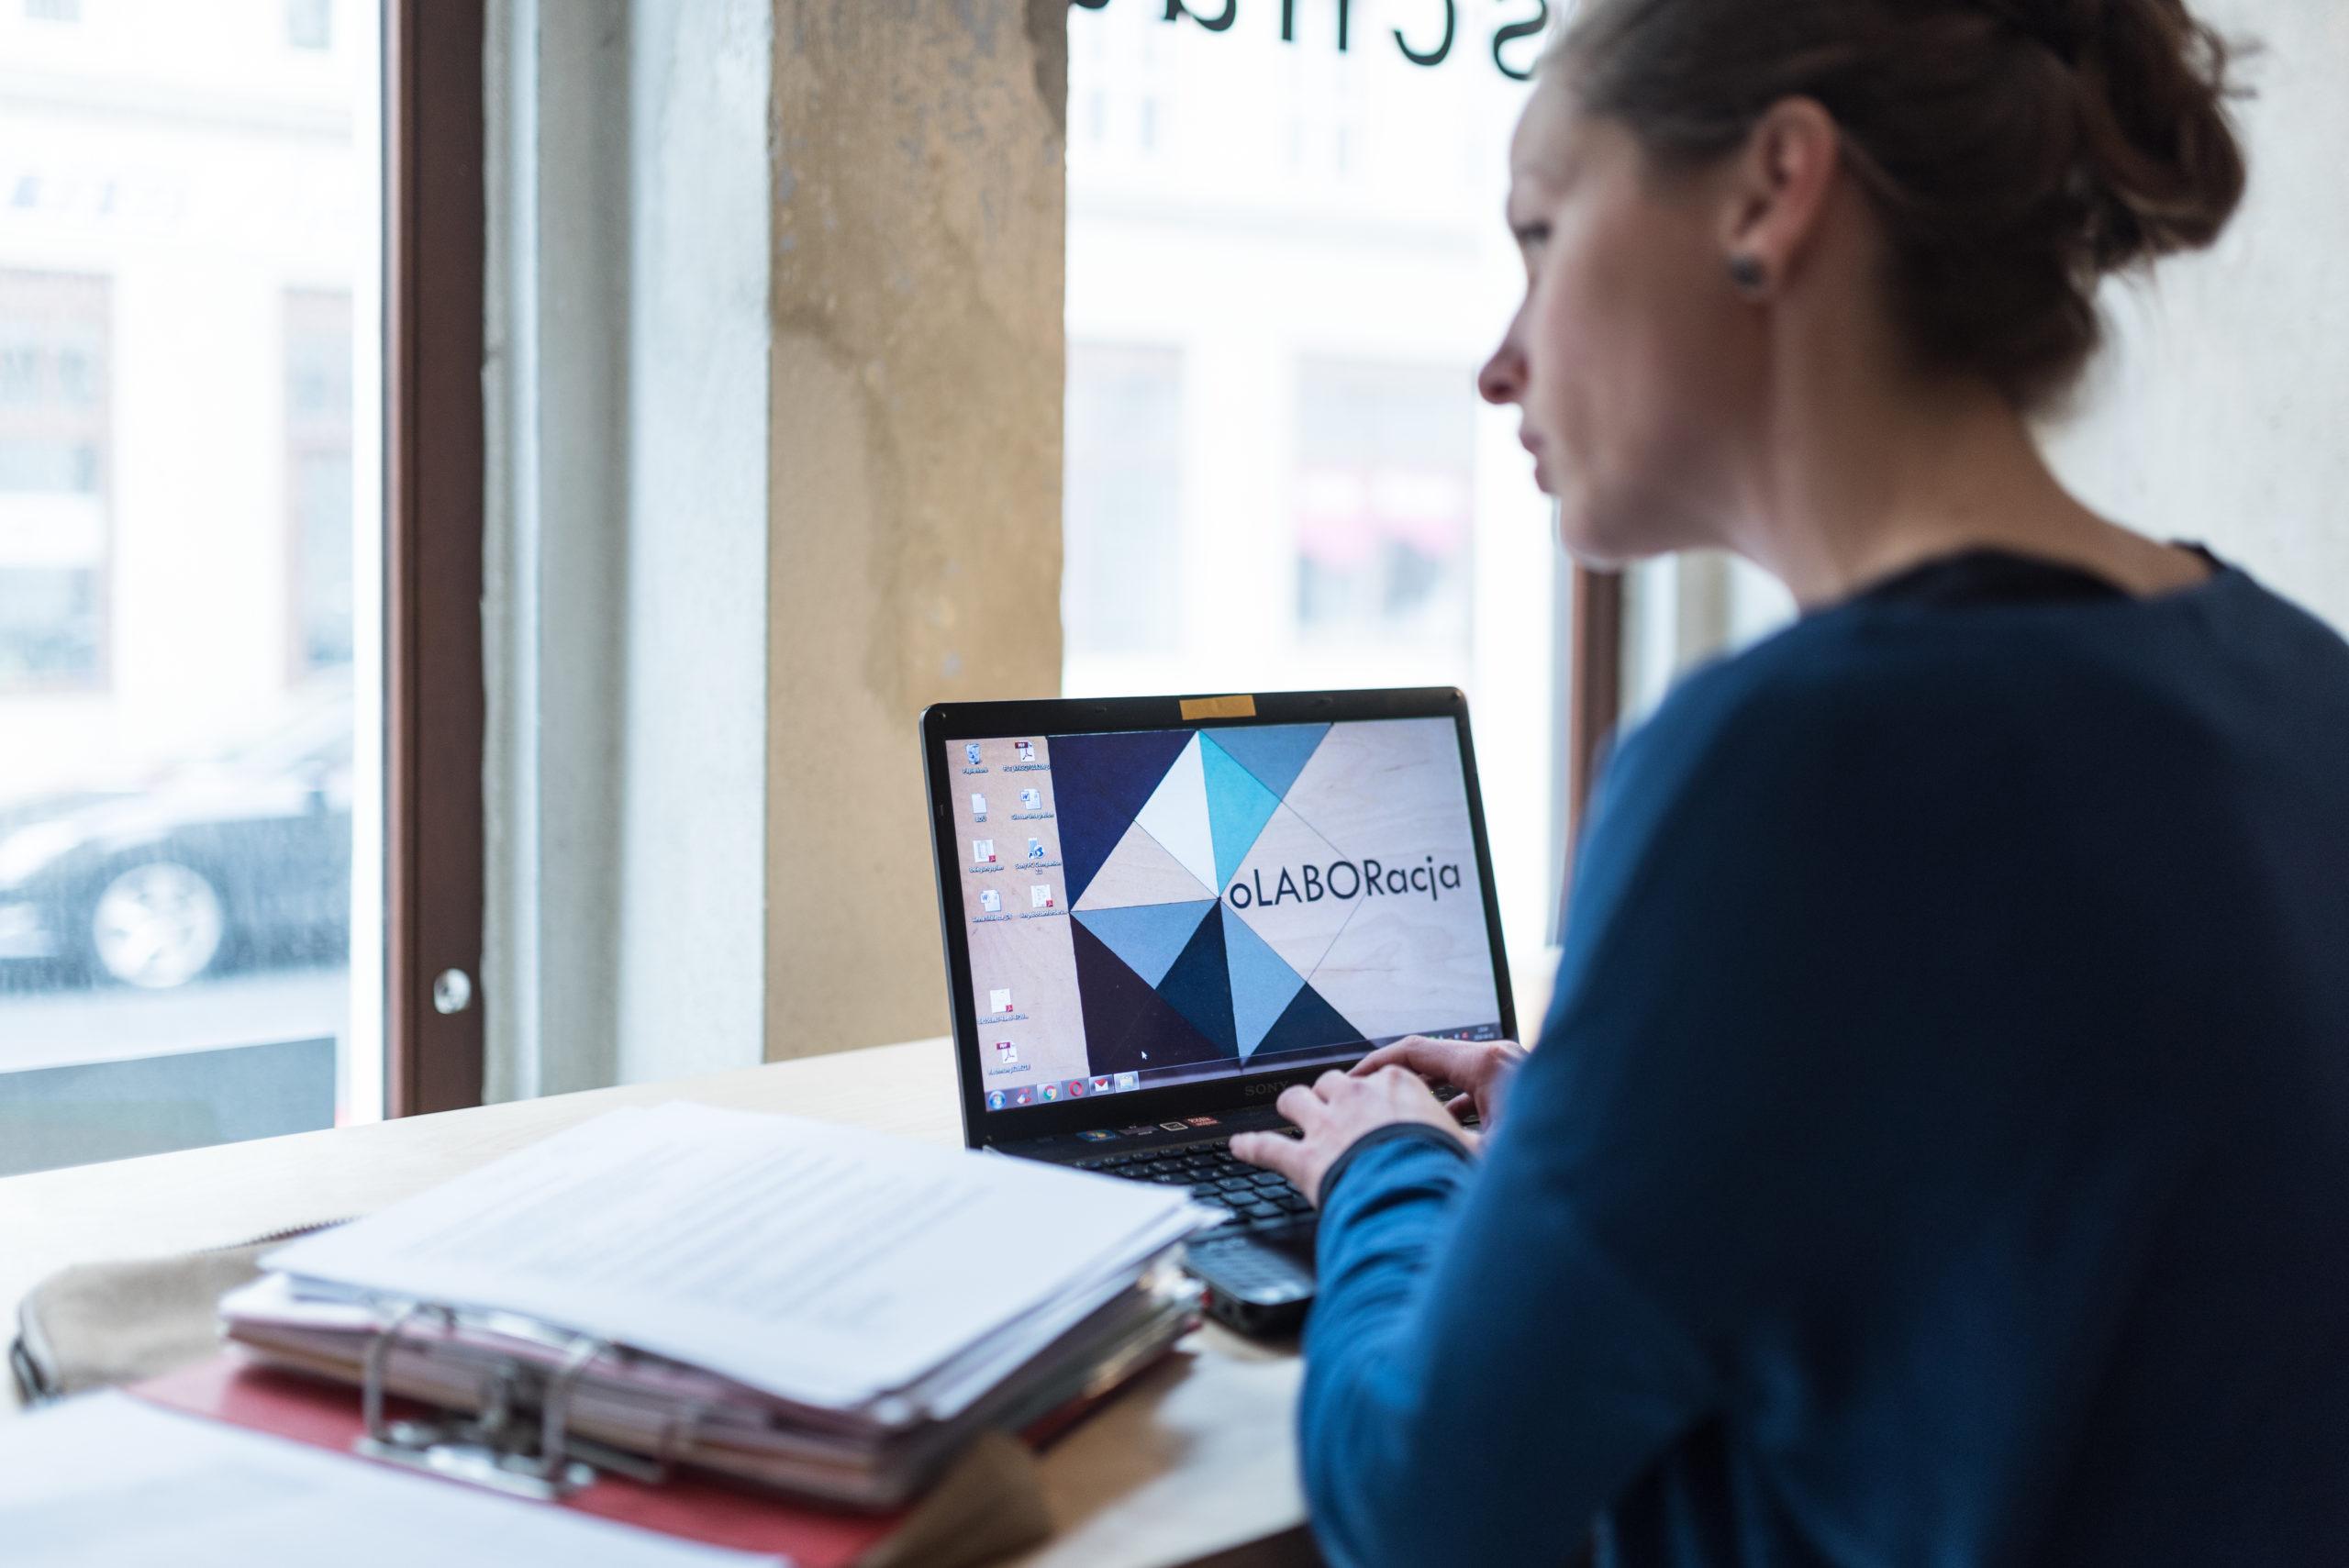 Gemeinsam arbeiten: Mehr Coworking-Büros in der Oberlausitz